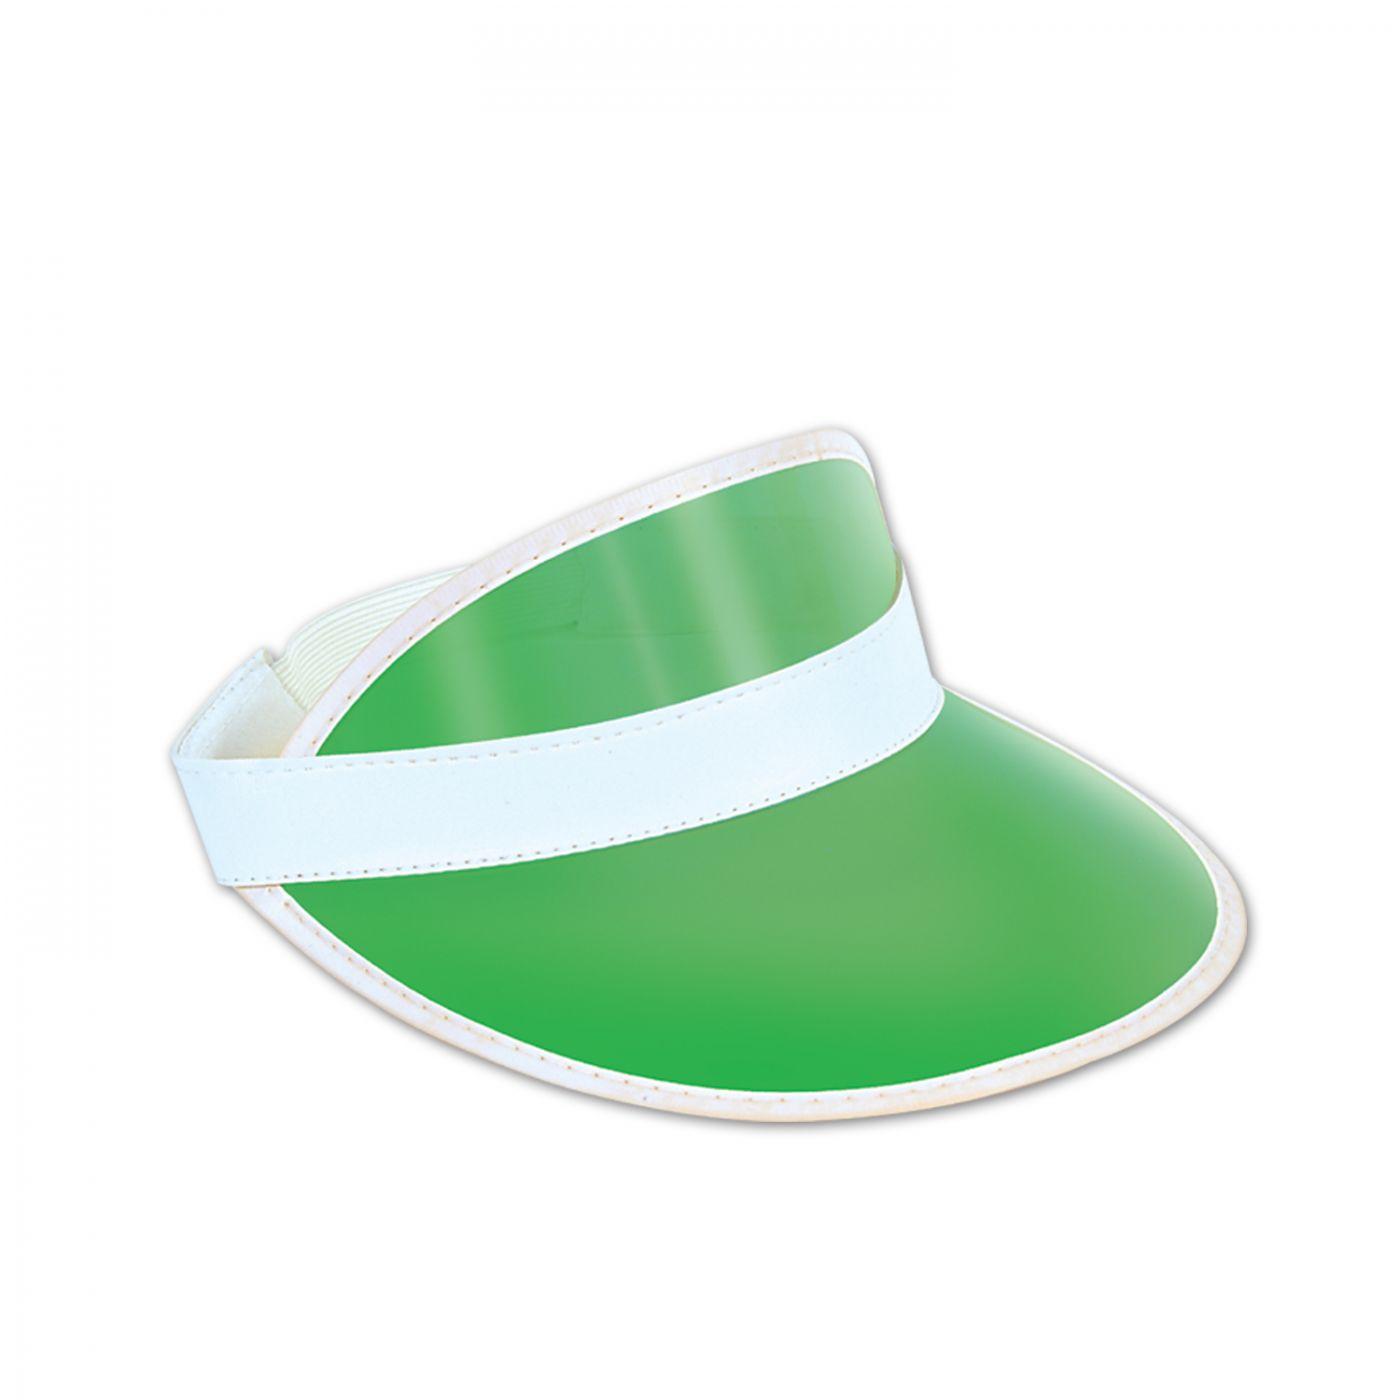 Clear Green Plastic Dealer's Visor image